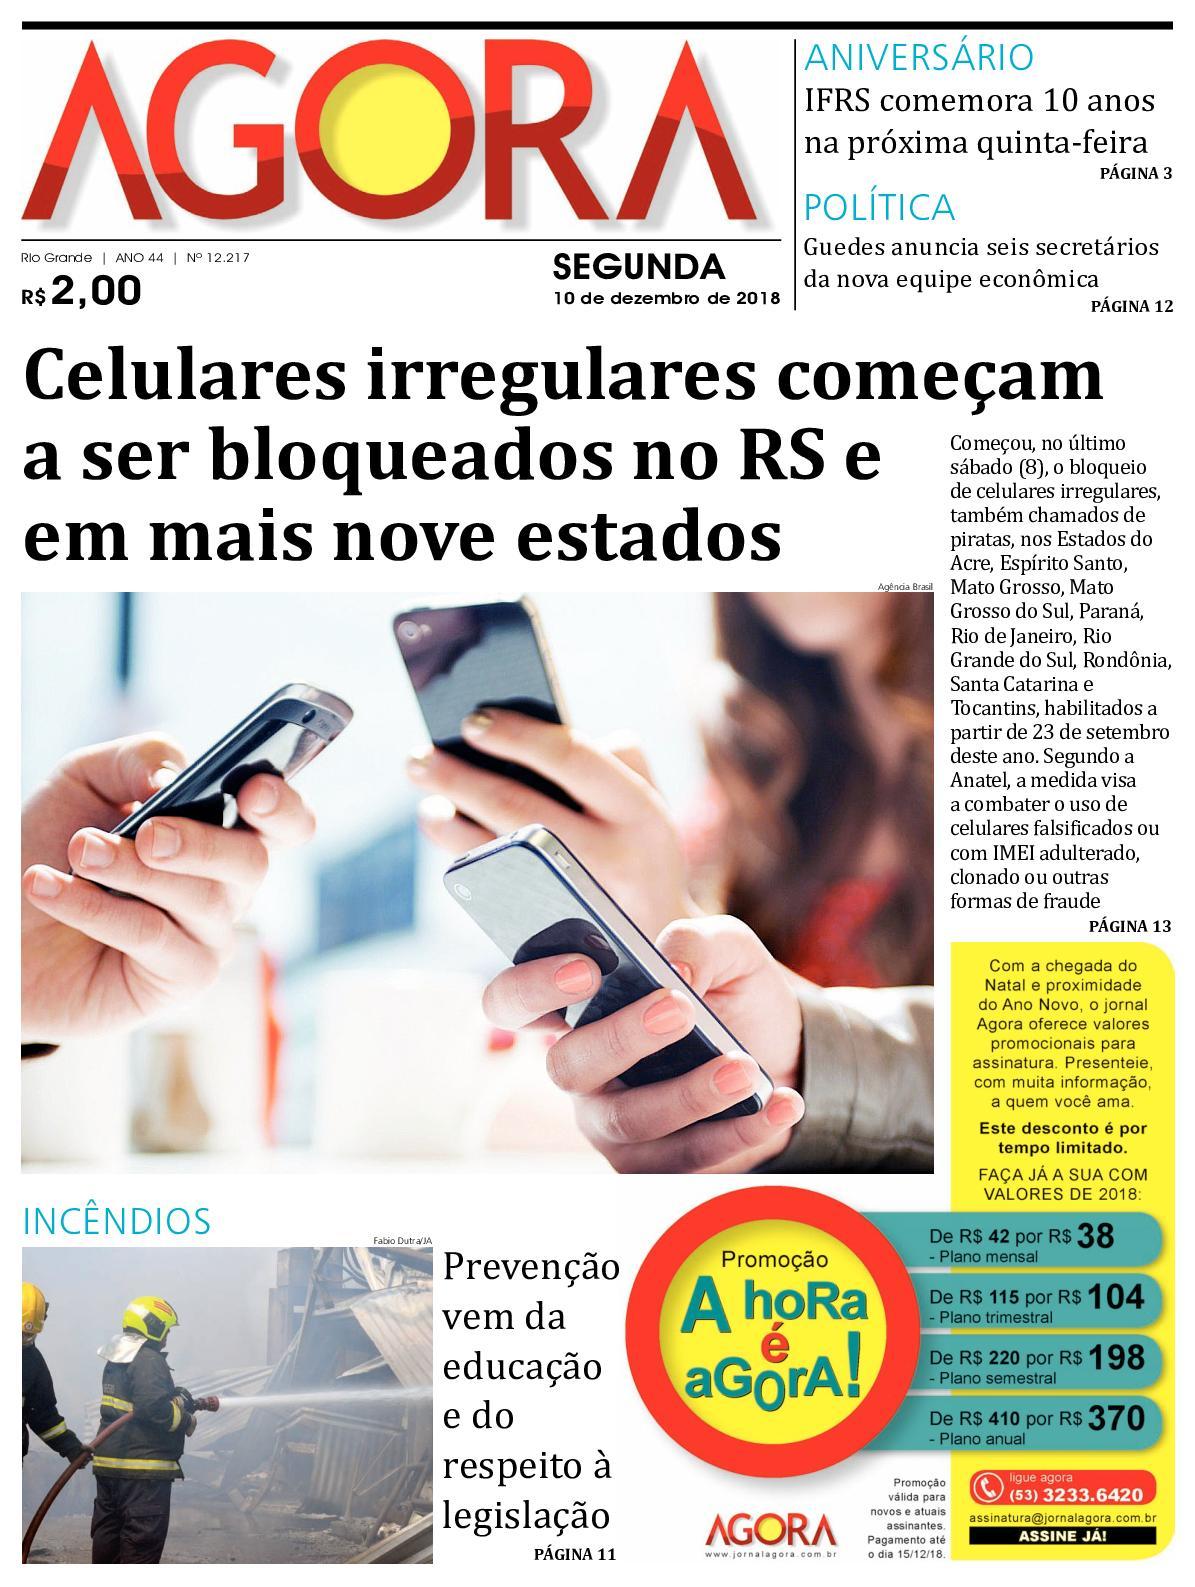 Calaméo - Jornal Agora - Edição 12217 - 10 de Dezembro de 2018 048097a1fc